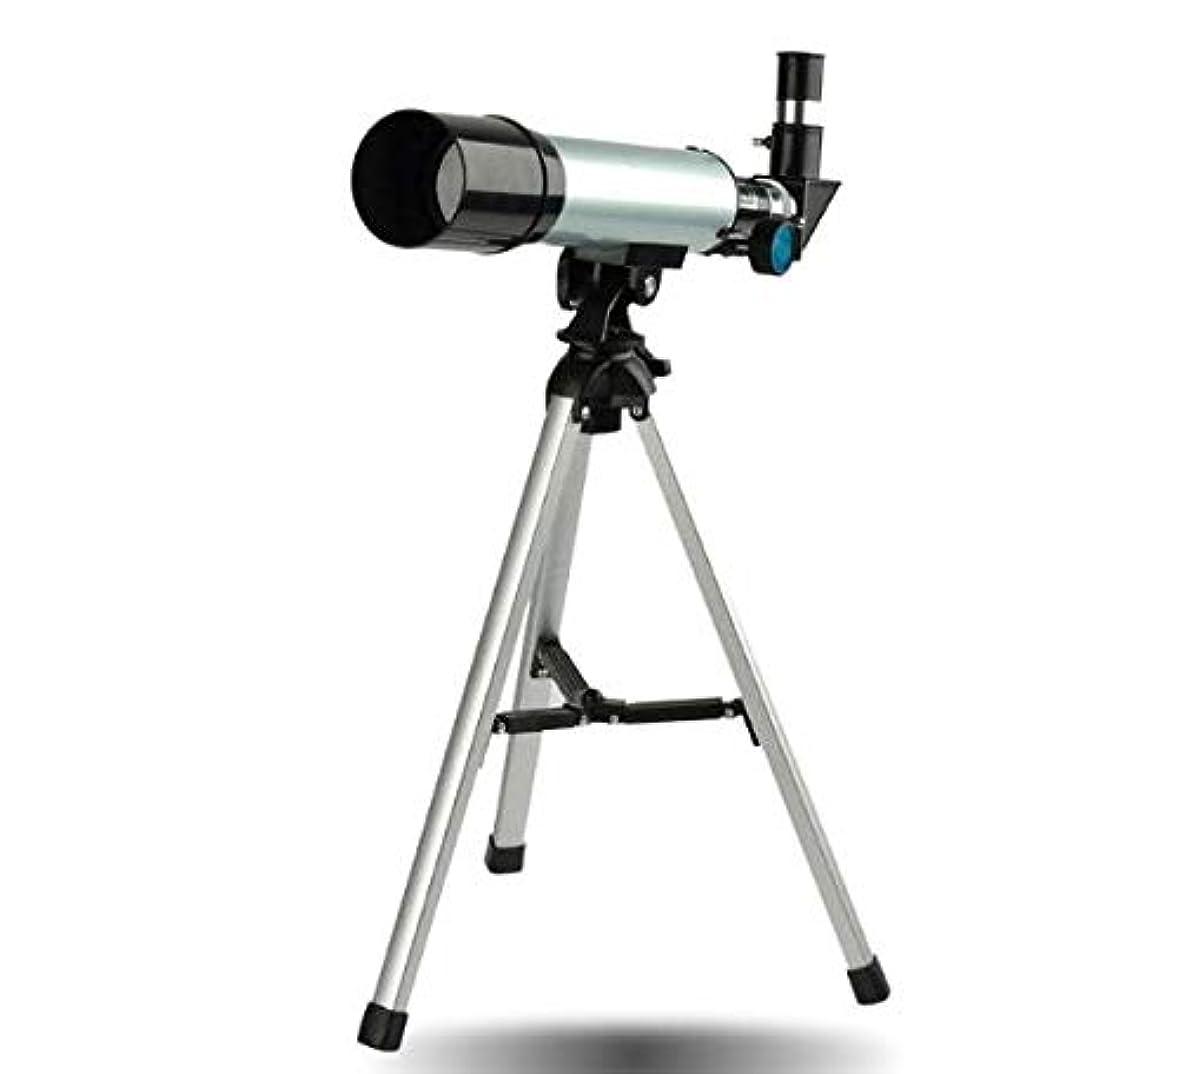 令状比べる風が強いプロの大人のためのプロの大人のための携帯用三脚が付いている屋外の150X単眼望遠鏡の天体望遠鏡